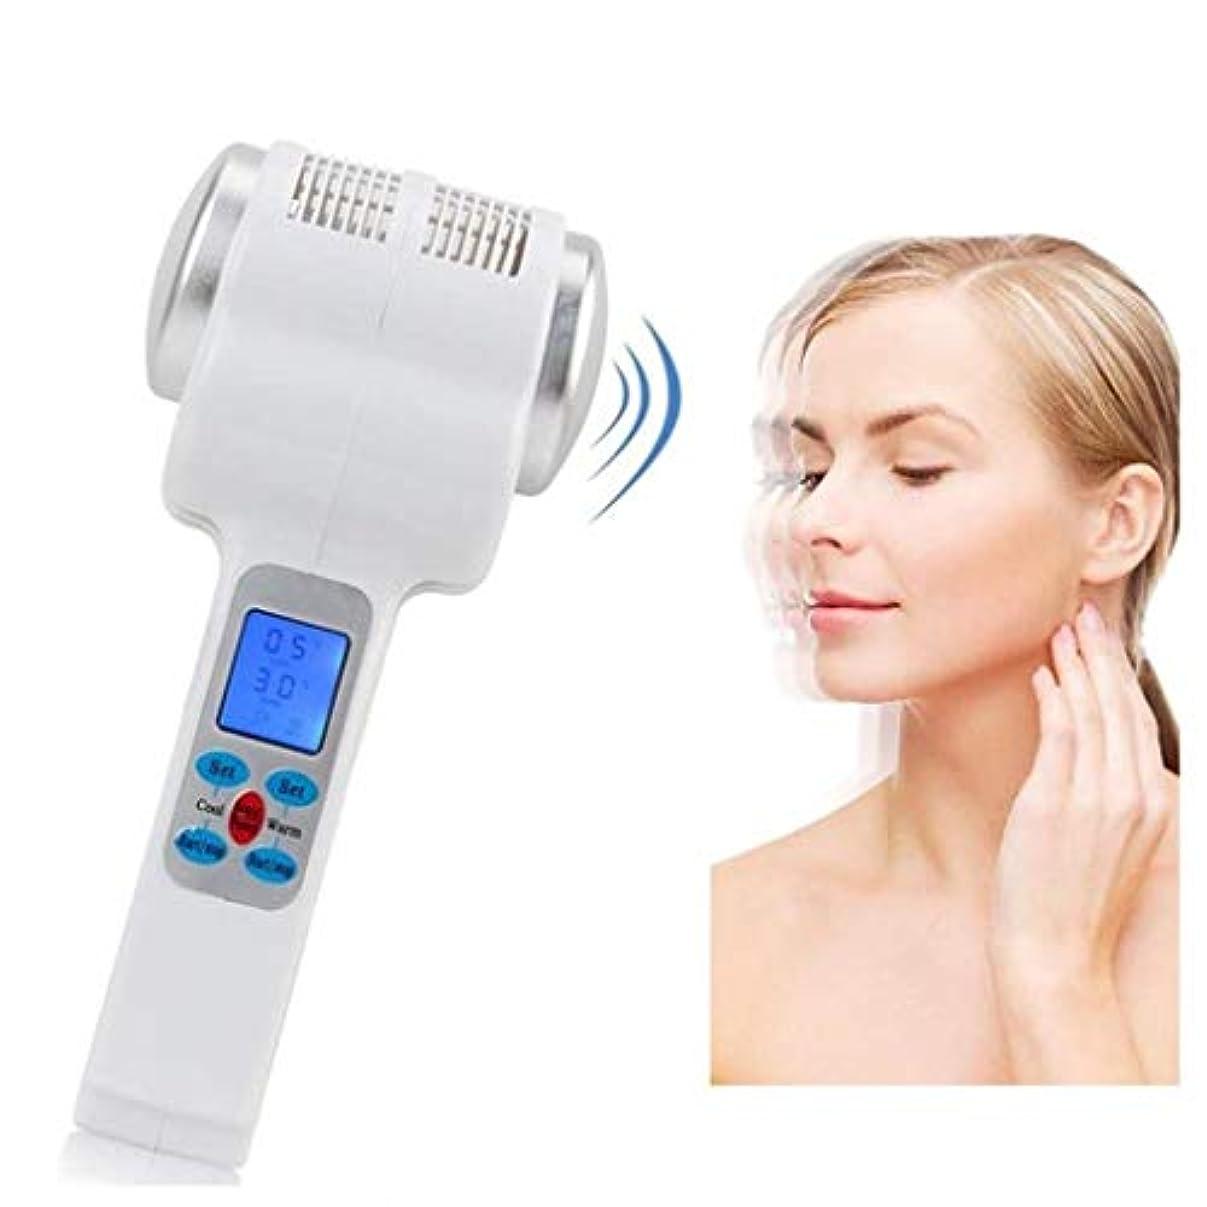 セーブ間隔克服する美容器具、顔の振動マッサージ、ホット凍結療法、リフティングフェイシャルスキンビューティーマシン、肌を引き締めて細い線を改善する